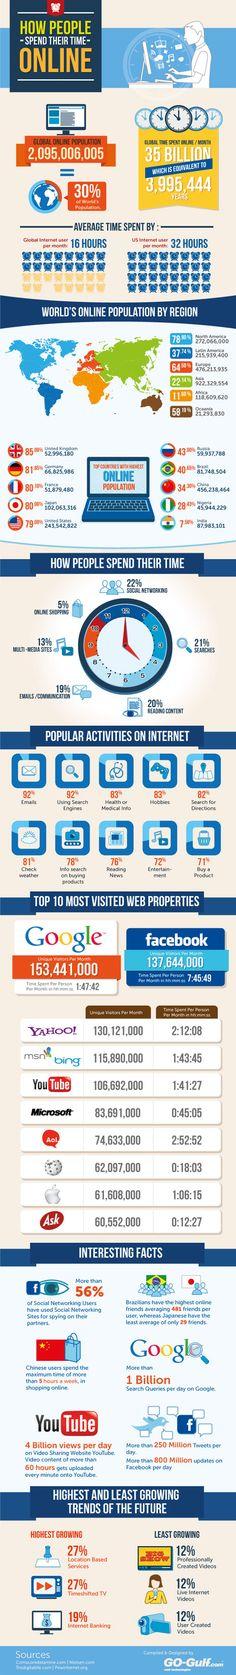 ¿Cómo invierte la gente su tiempo en internet? #socialmedia #funedfbdeb